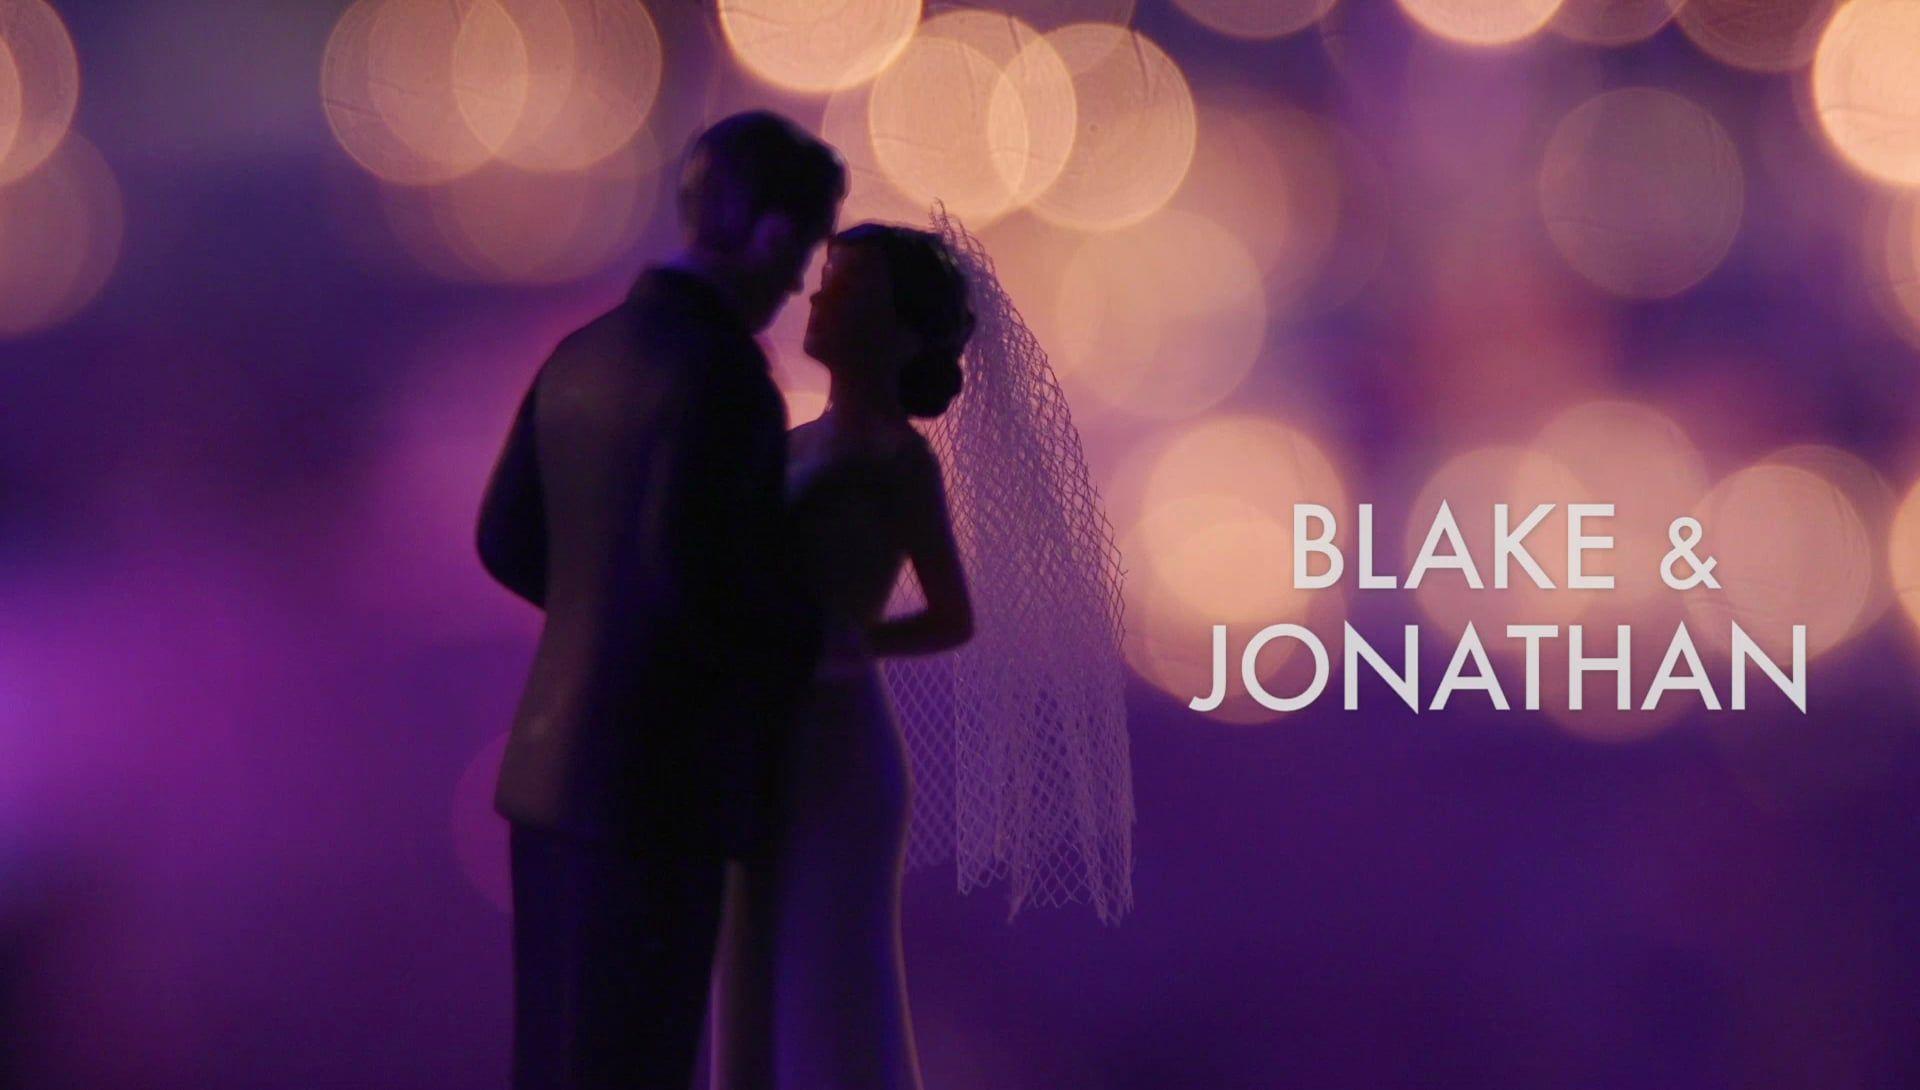 Blake + Jonathan New York, New York American Museum of